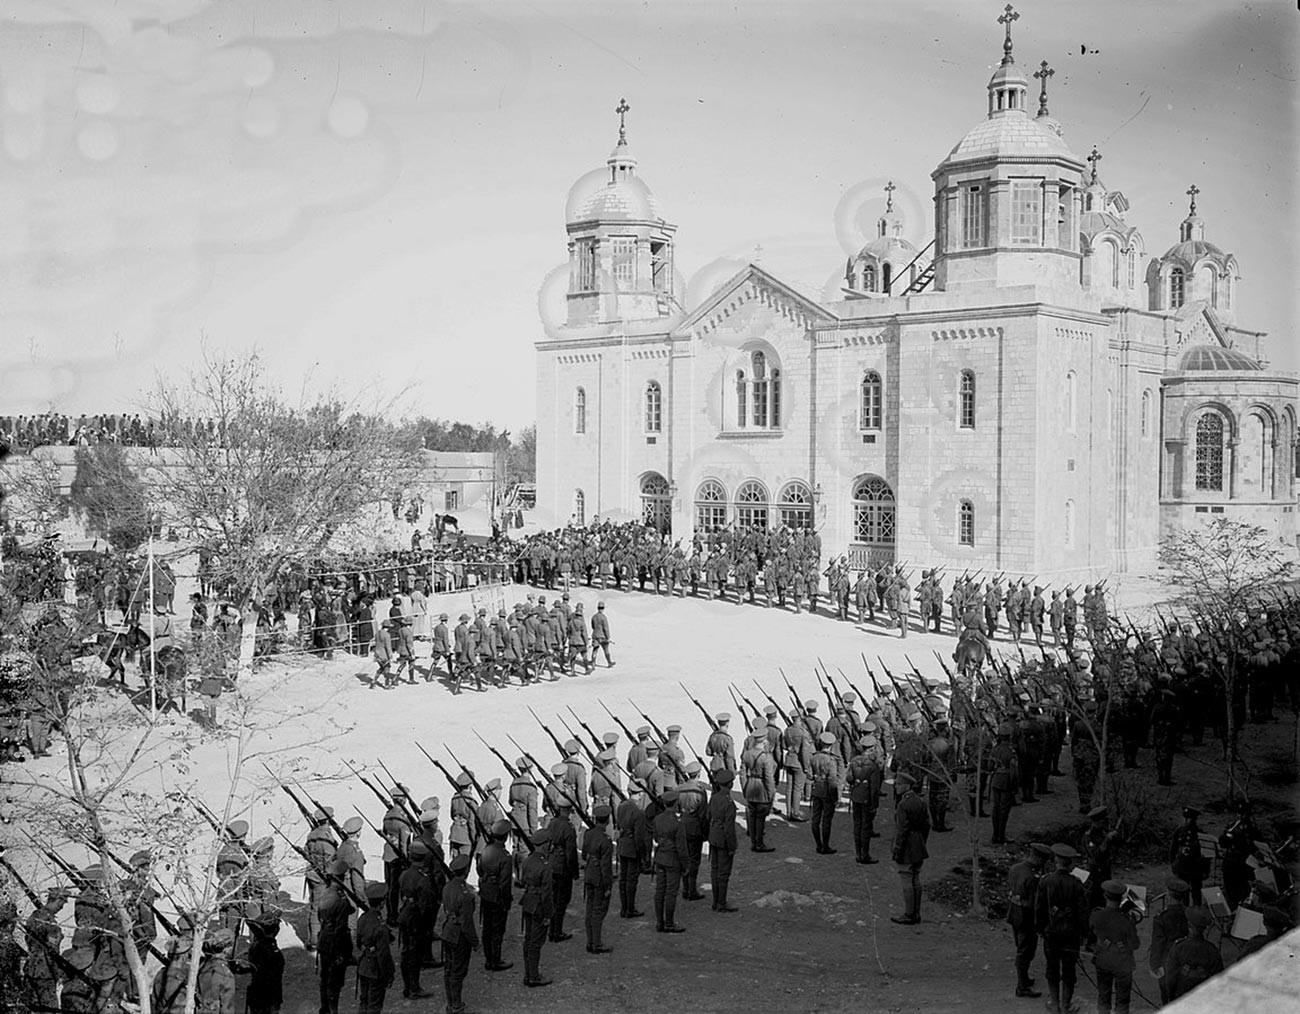 Војна парада британских војника у част британског генерала Аленбија испред  руских храмова у Јерусалиму, 1917.